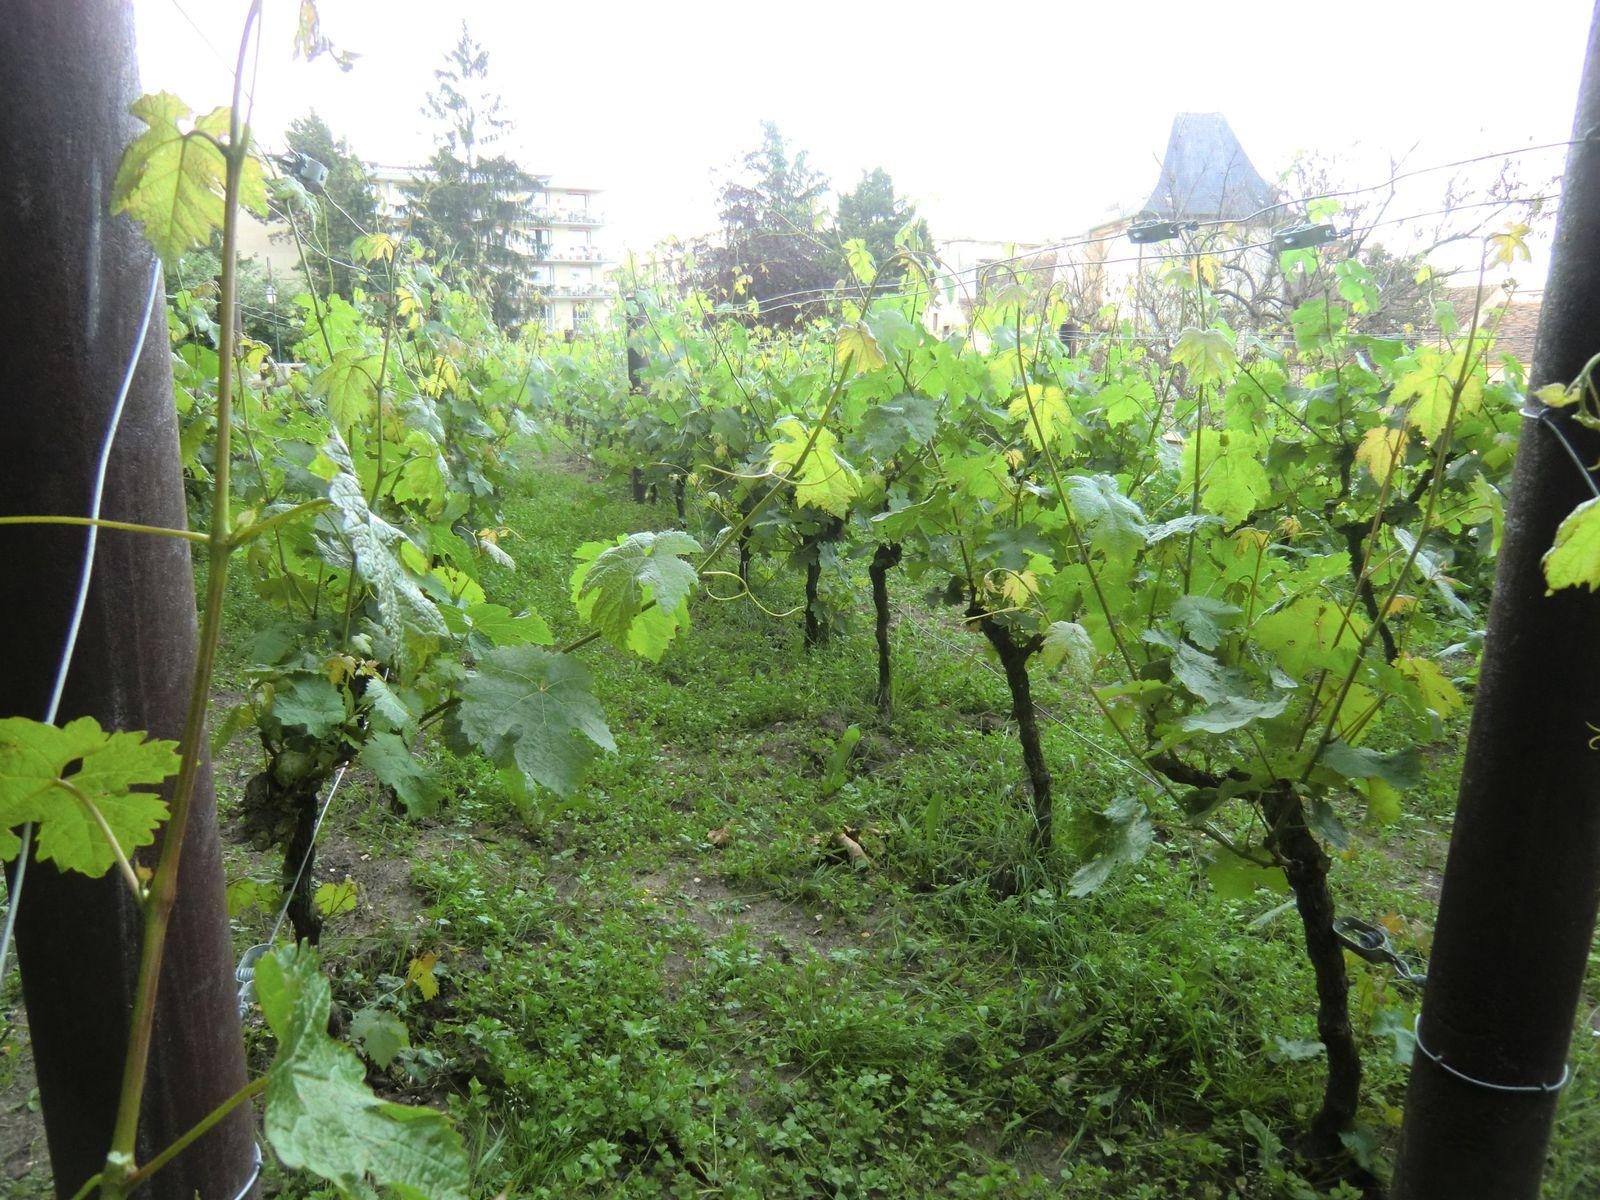 la vigne au-dessus du jardin, vers la fin septembre c'est les vendanges, puis on y vient déguster le vin